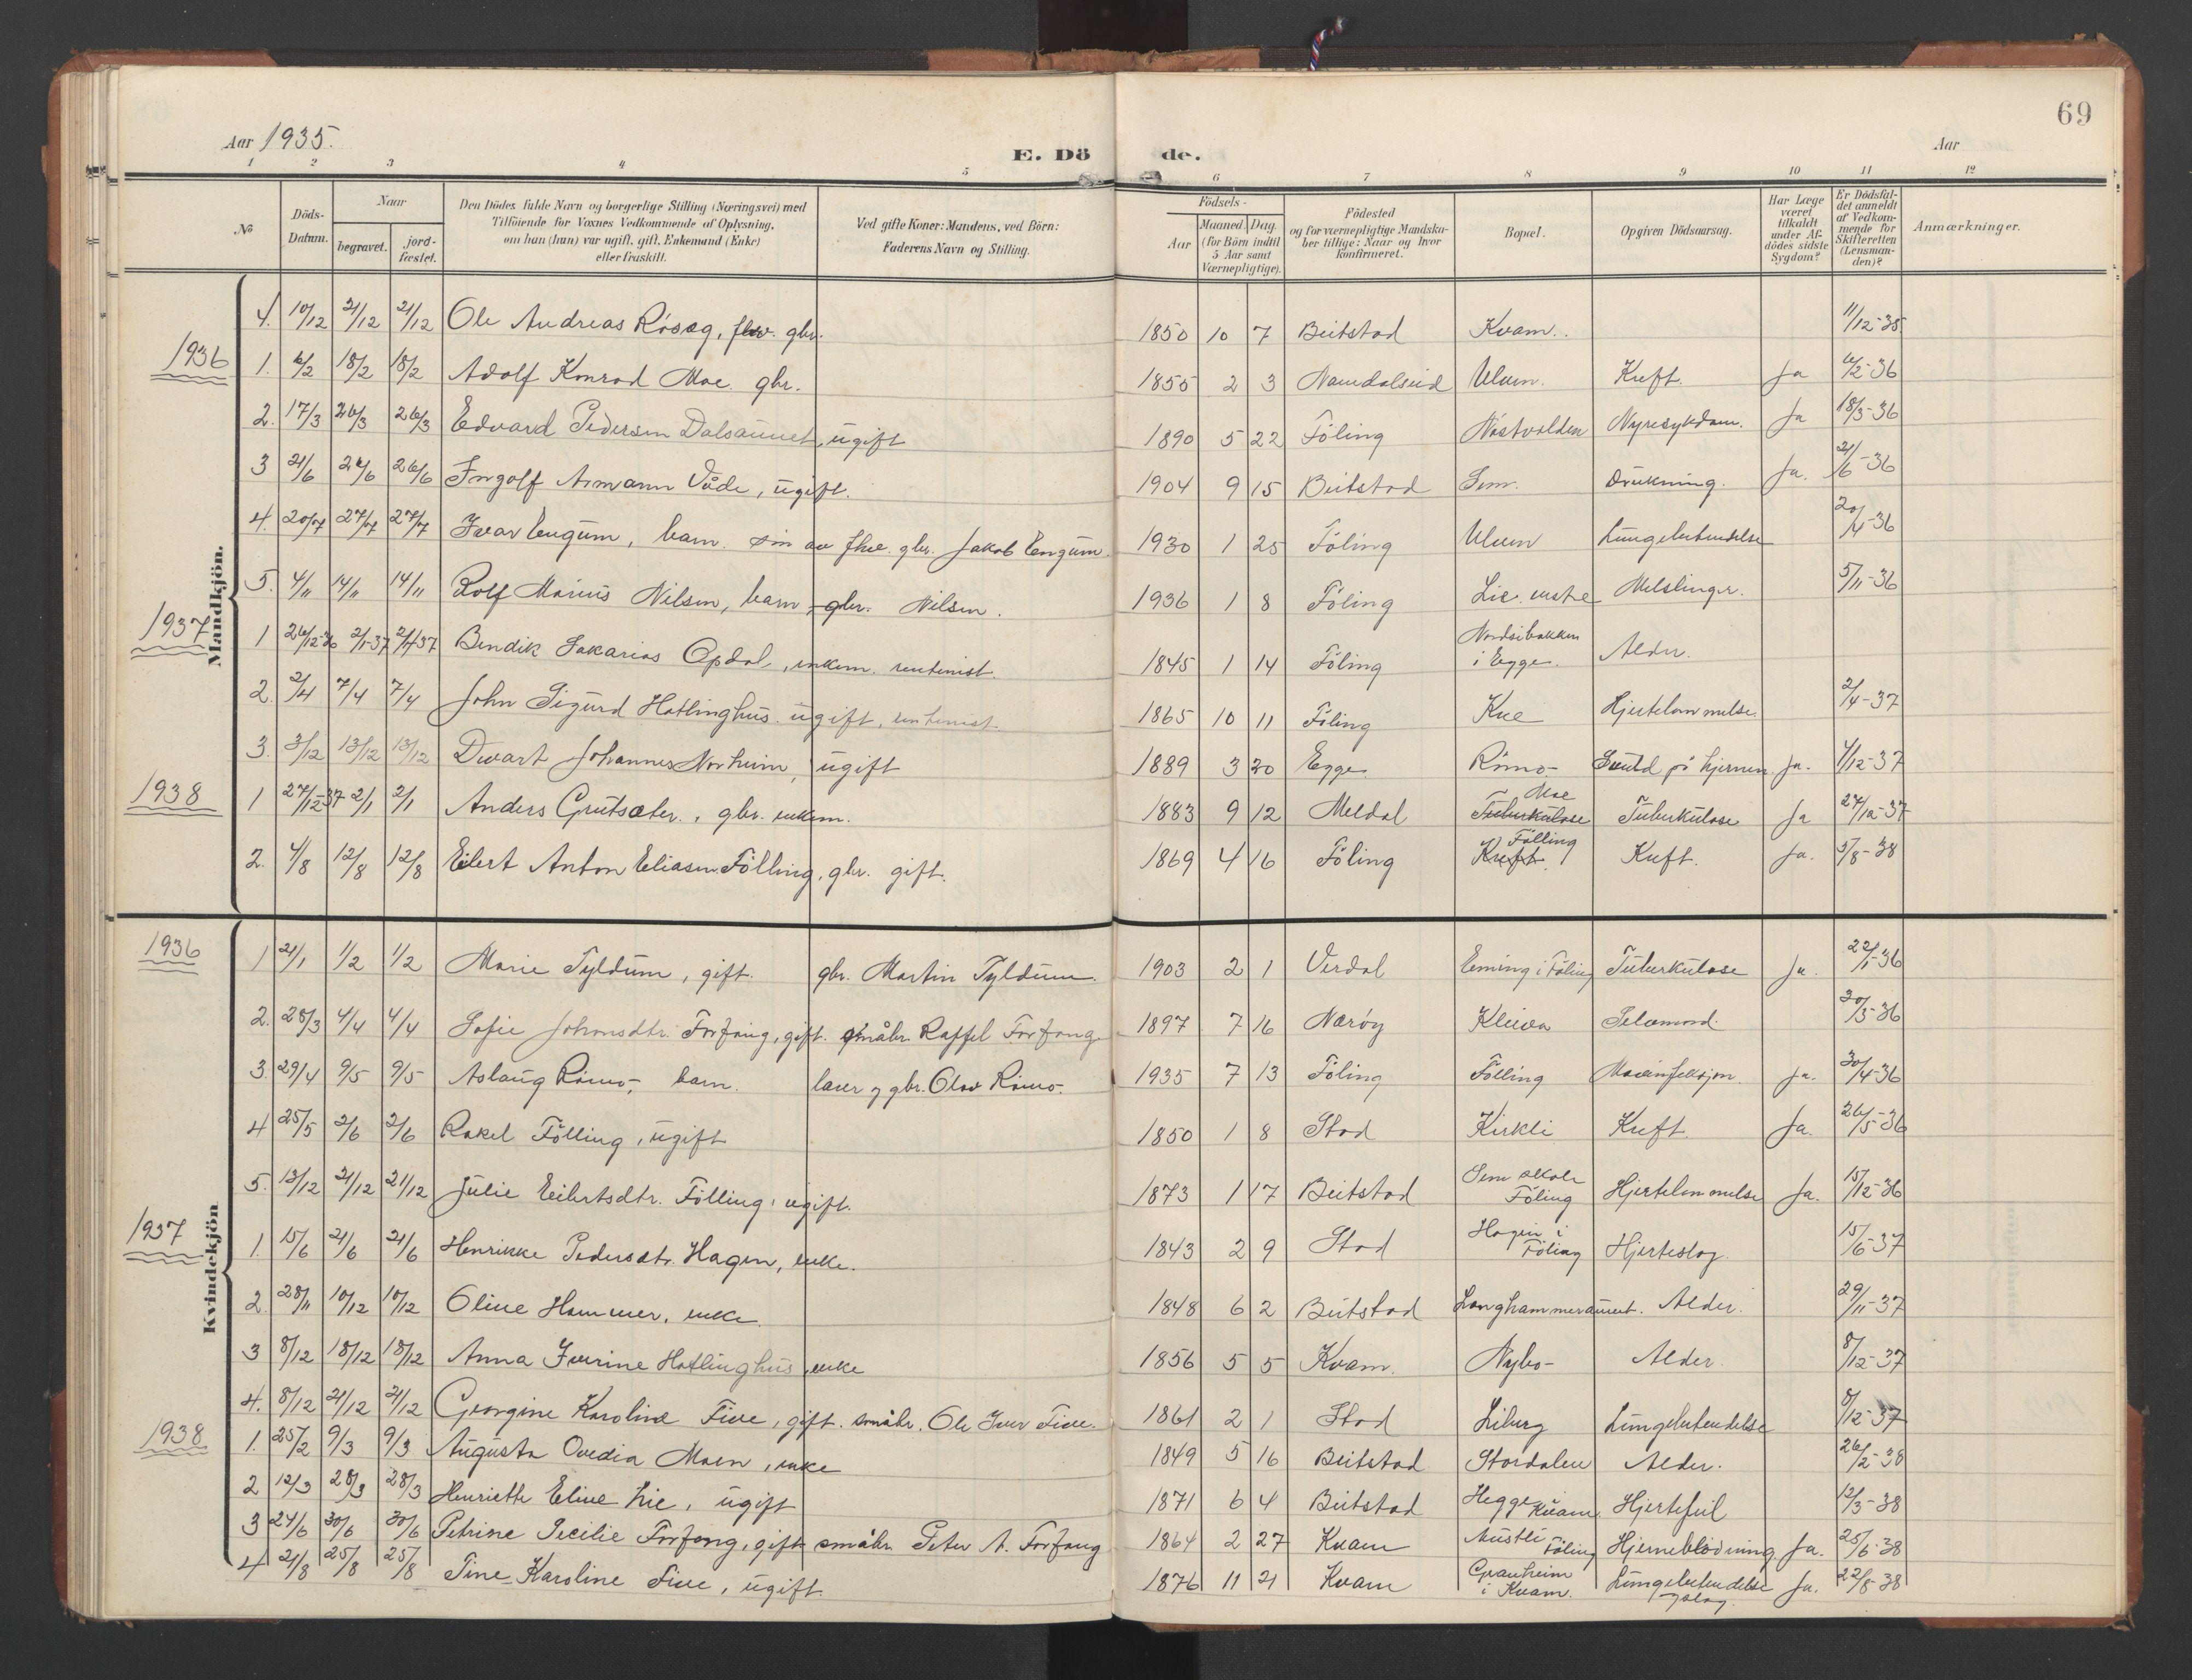 SAT, Ministerialprotokoller, klokkerbøker og fødselsregistre - Nord-Trøndelag, 748/L0465: Klokkerbok nr. 748C01, 1908-1960, s. 69